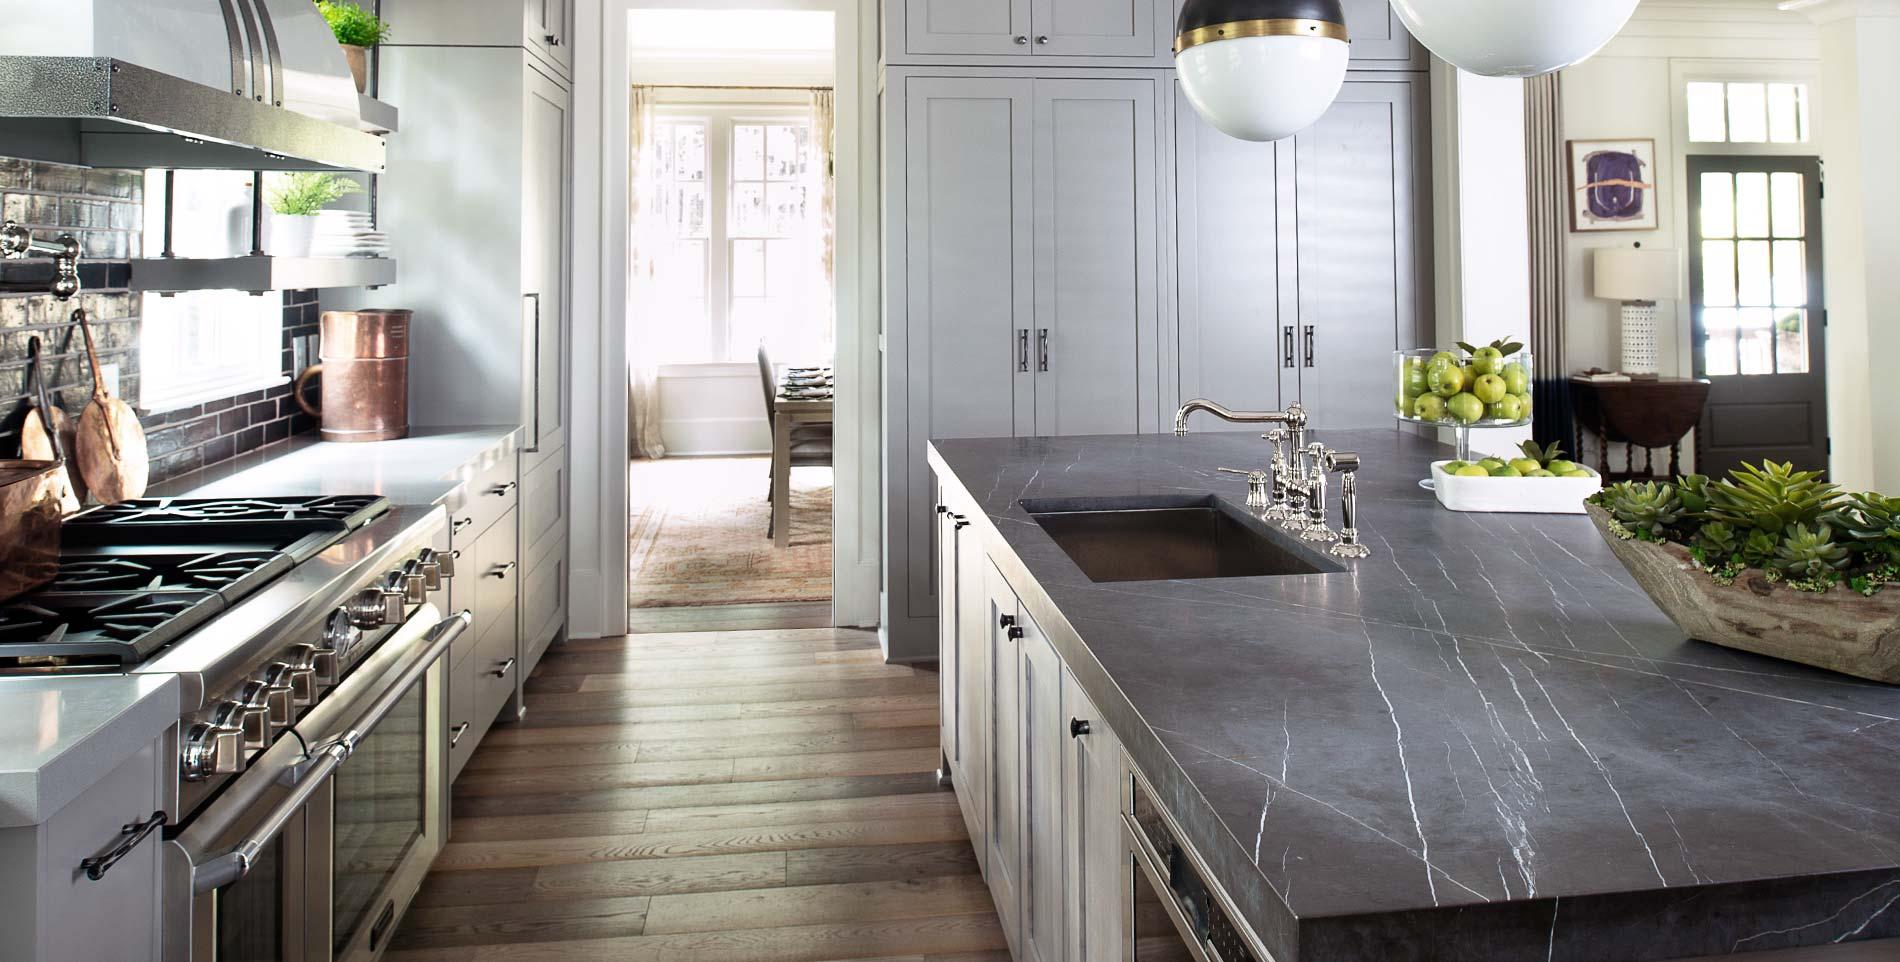 Encimeras de marmol good cocina tradiconal encimeras for Encimeras de marmol